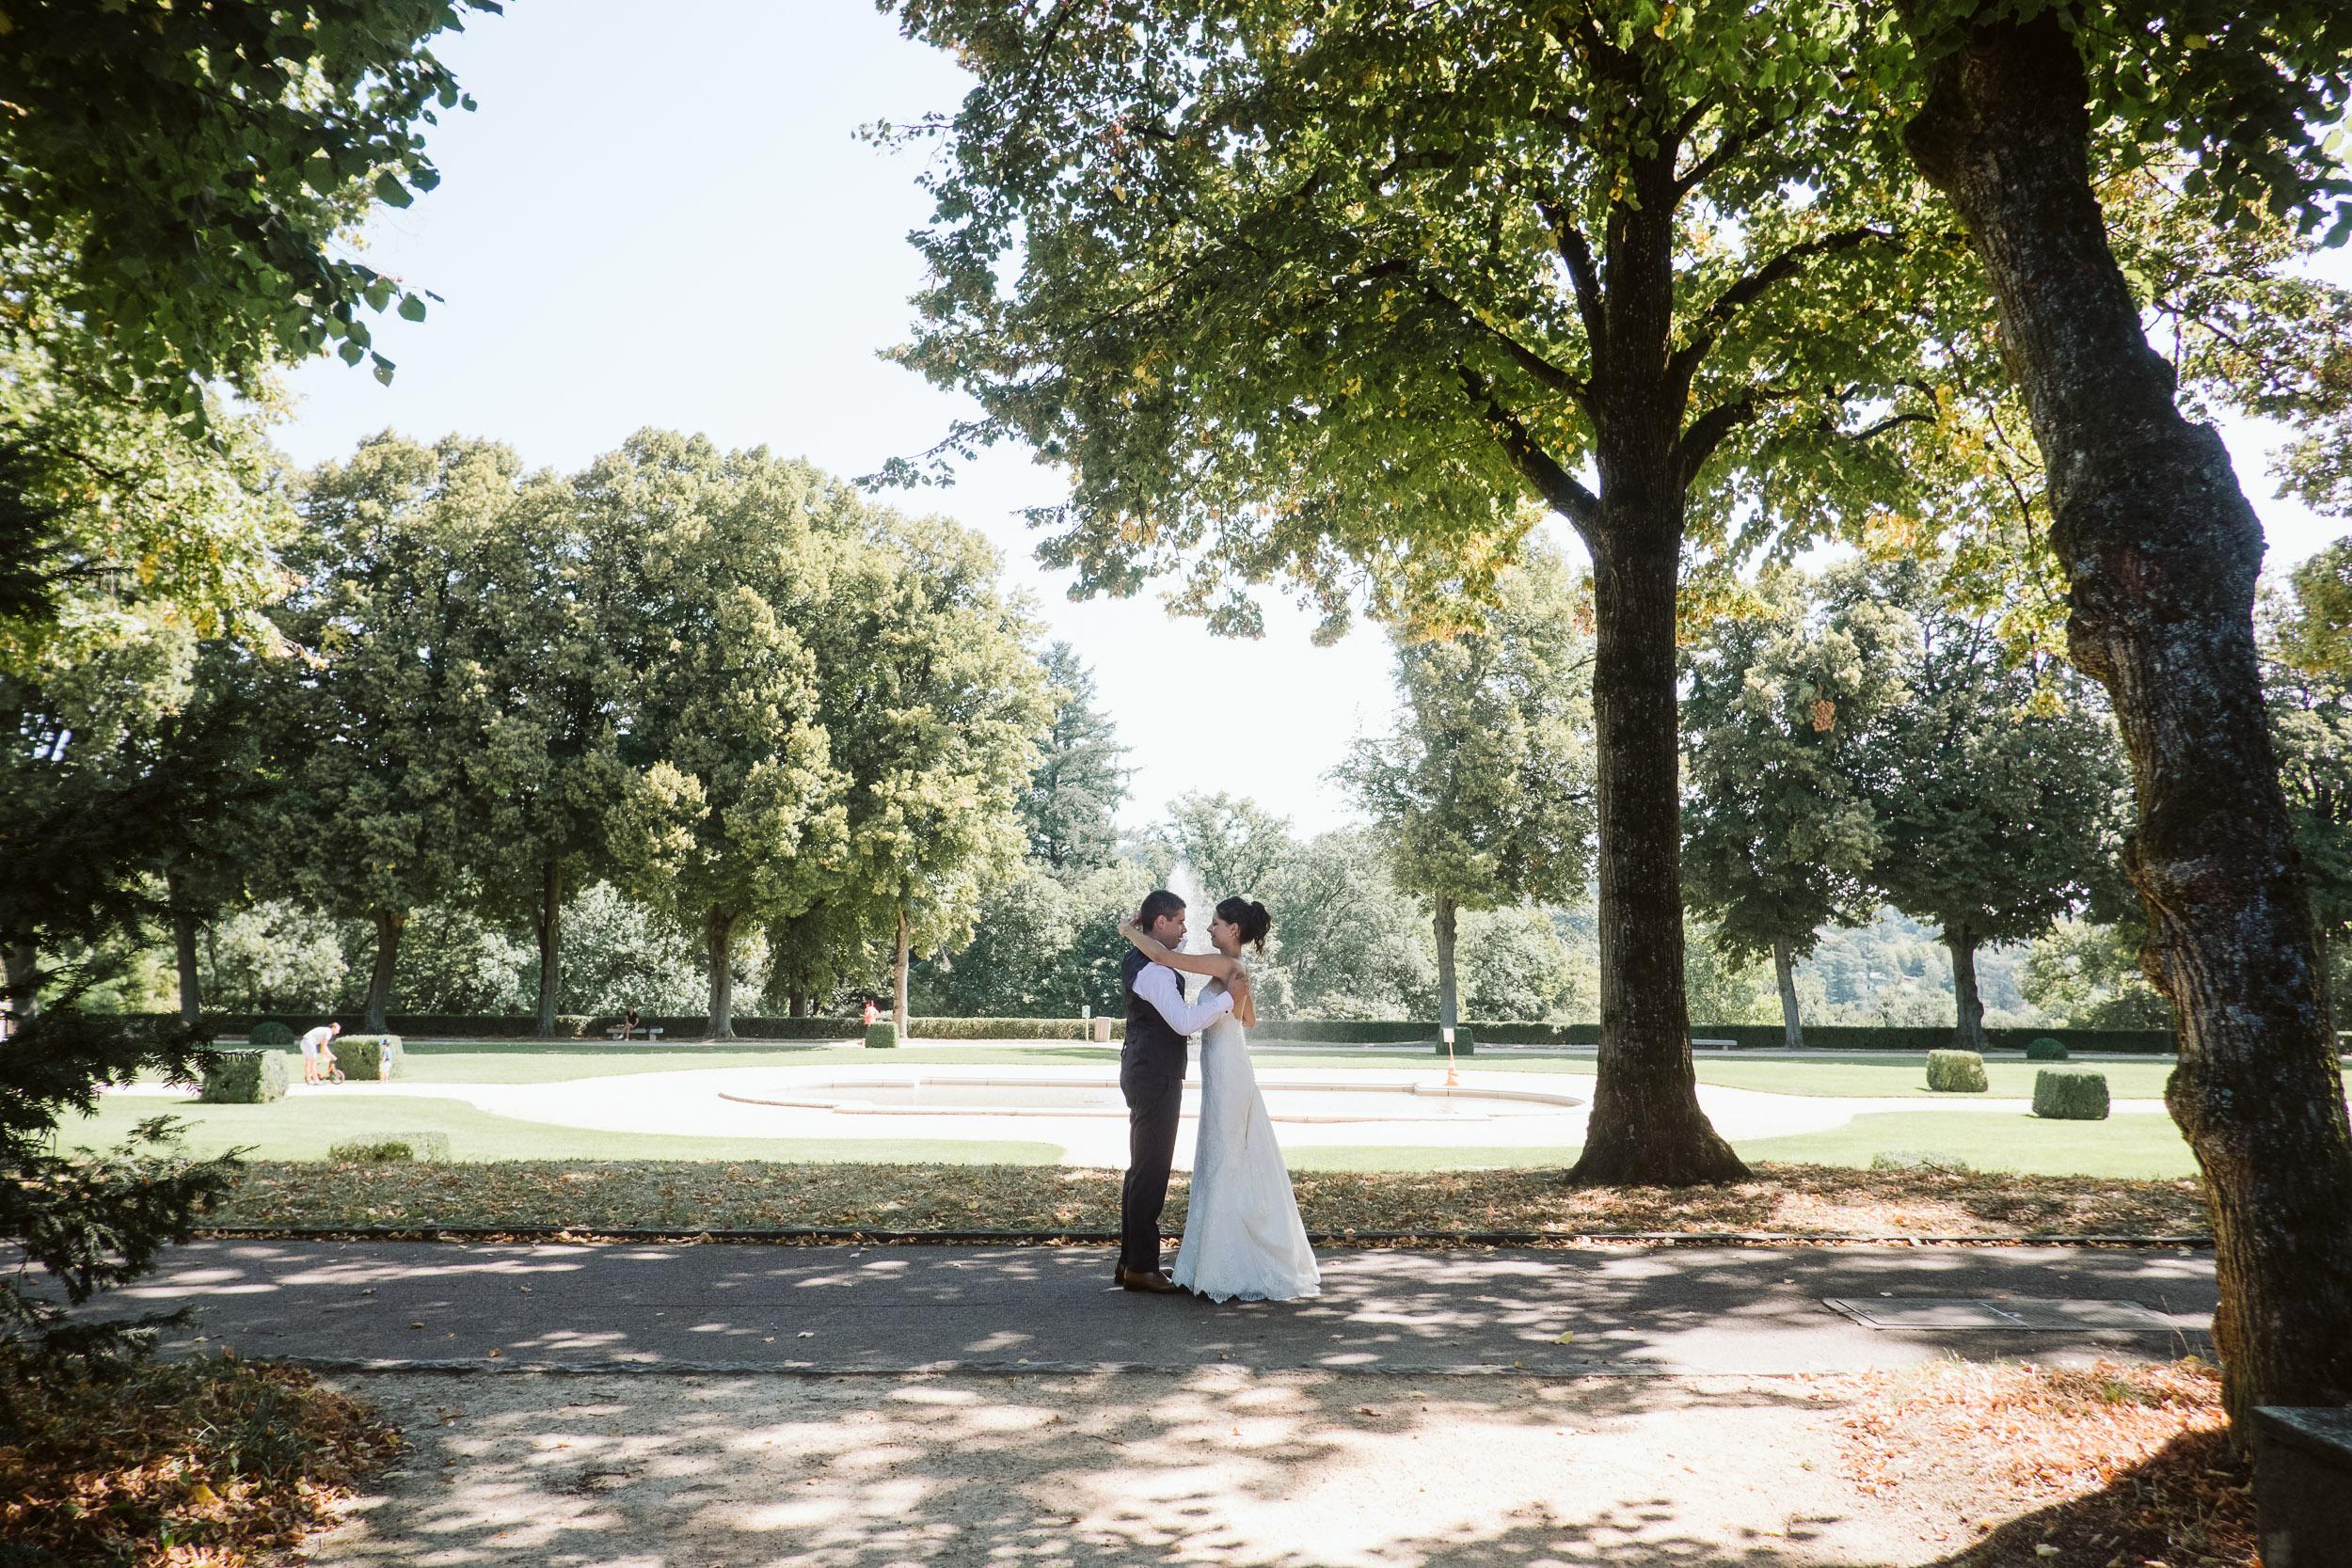 gerald-mattel-photographe-mariage-chateau-nety-5.jpg